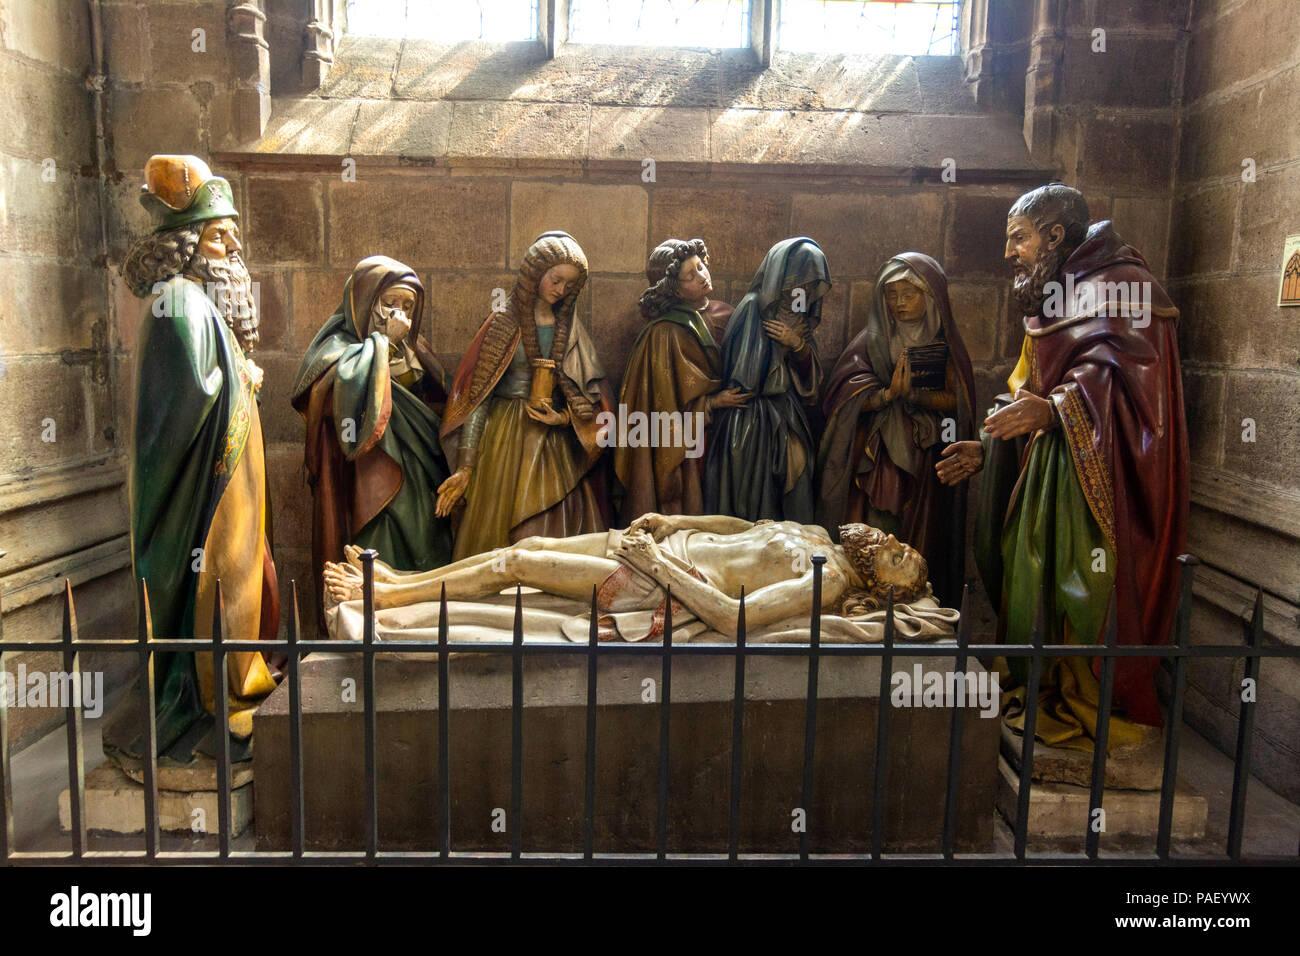 Entombment, Cathedral Basilica Notre-Dame-de-l'Annonciation, Allier department, Auvergne-Rhône-Alpes, France Stock Photo